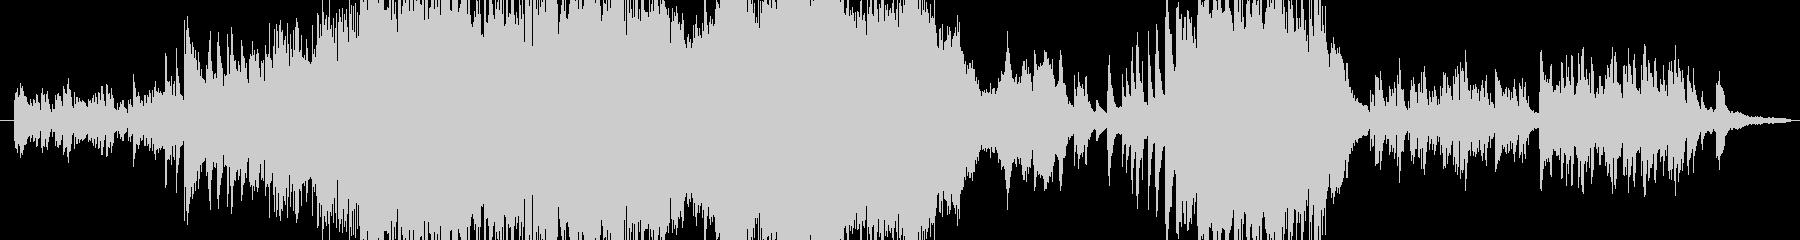 古代風で華麗な曲の未再生の波形